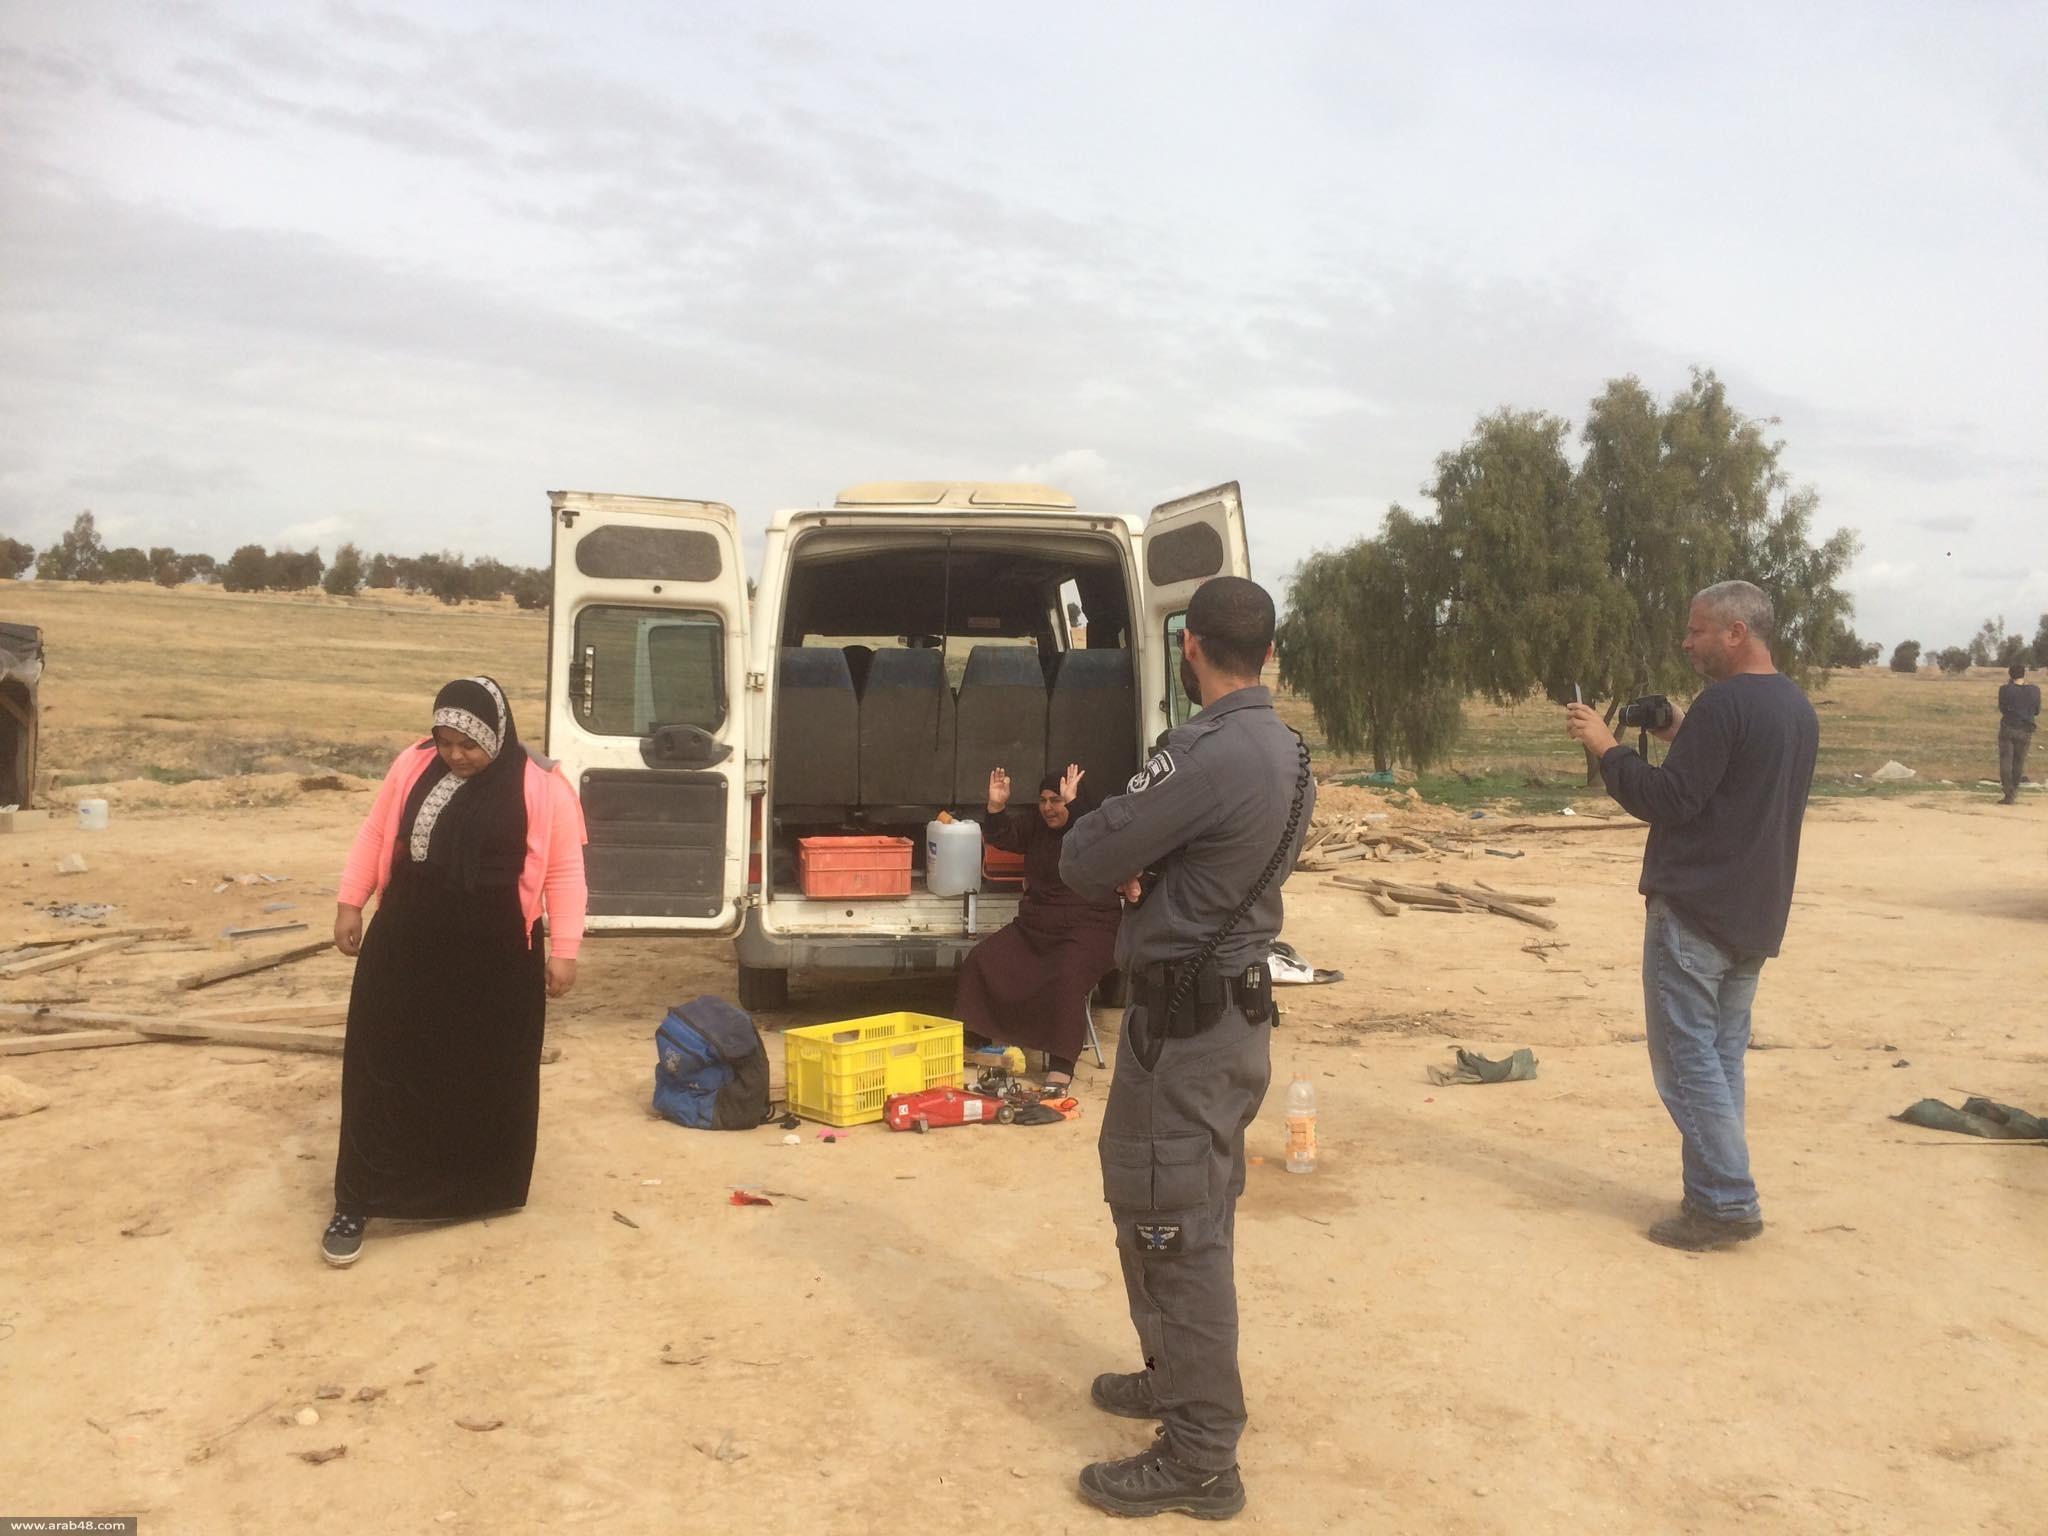 استفزازات وأوامر هدم جديدة في عدة قرى بالنقب